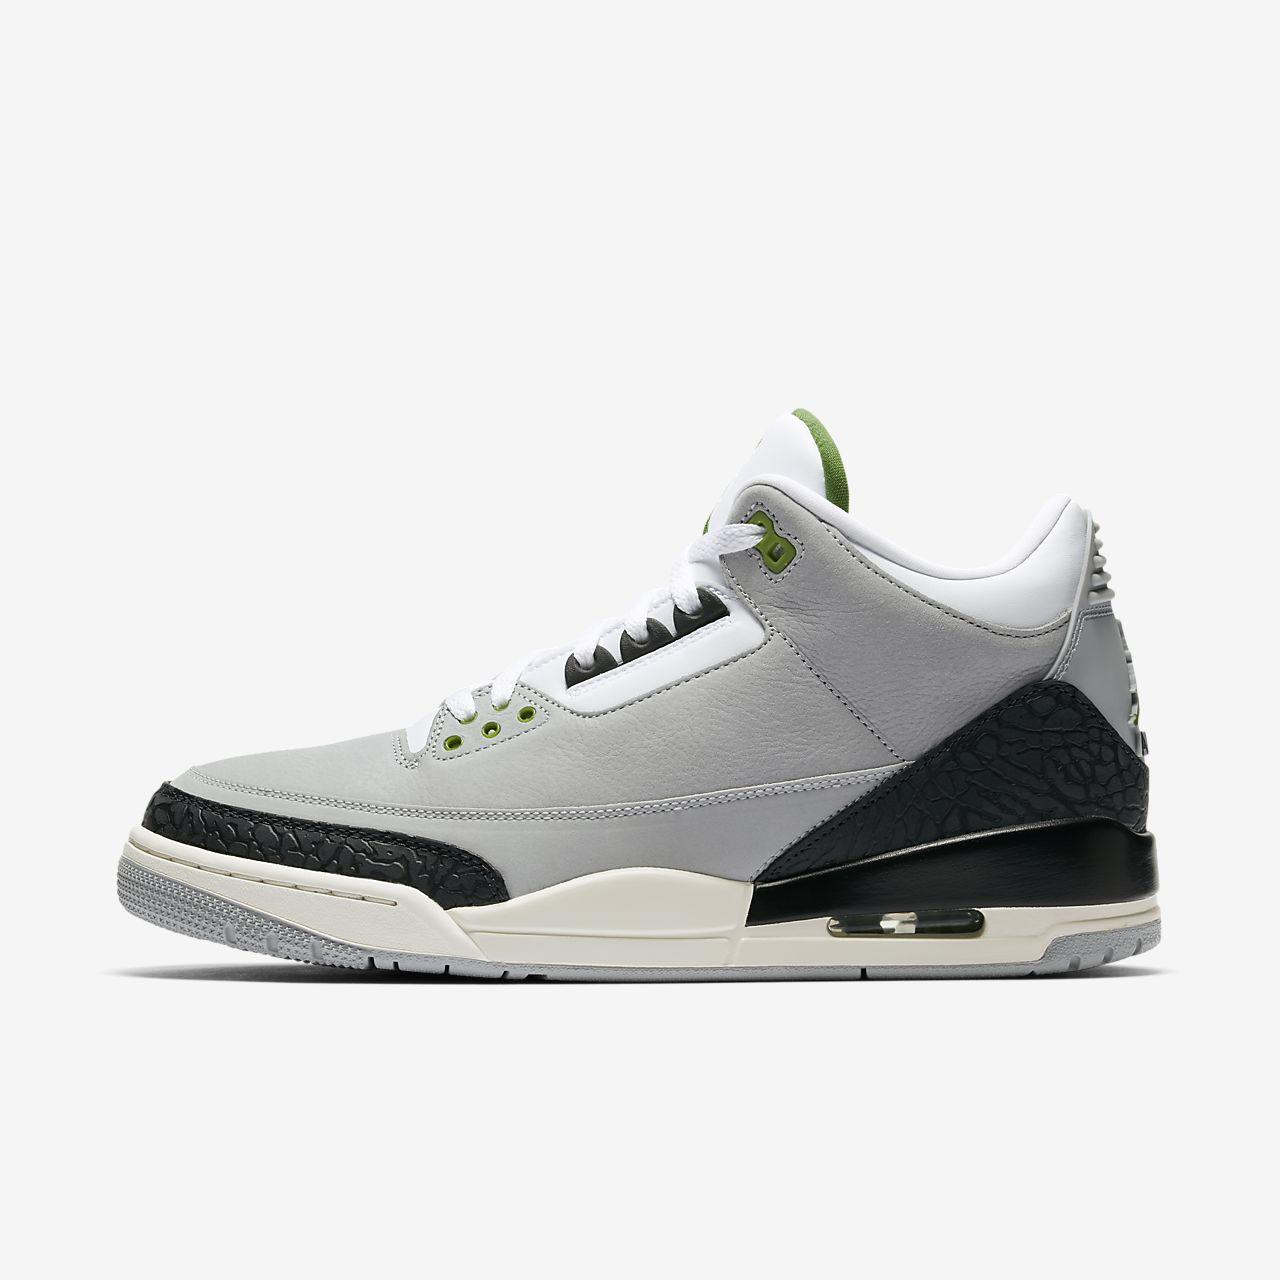 6149a62f91388 Air Jordan 3 Retro Zapatillas - Hombre. Nike.com ES